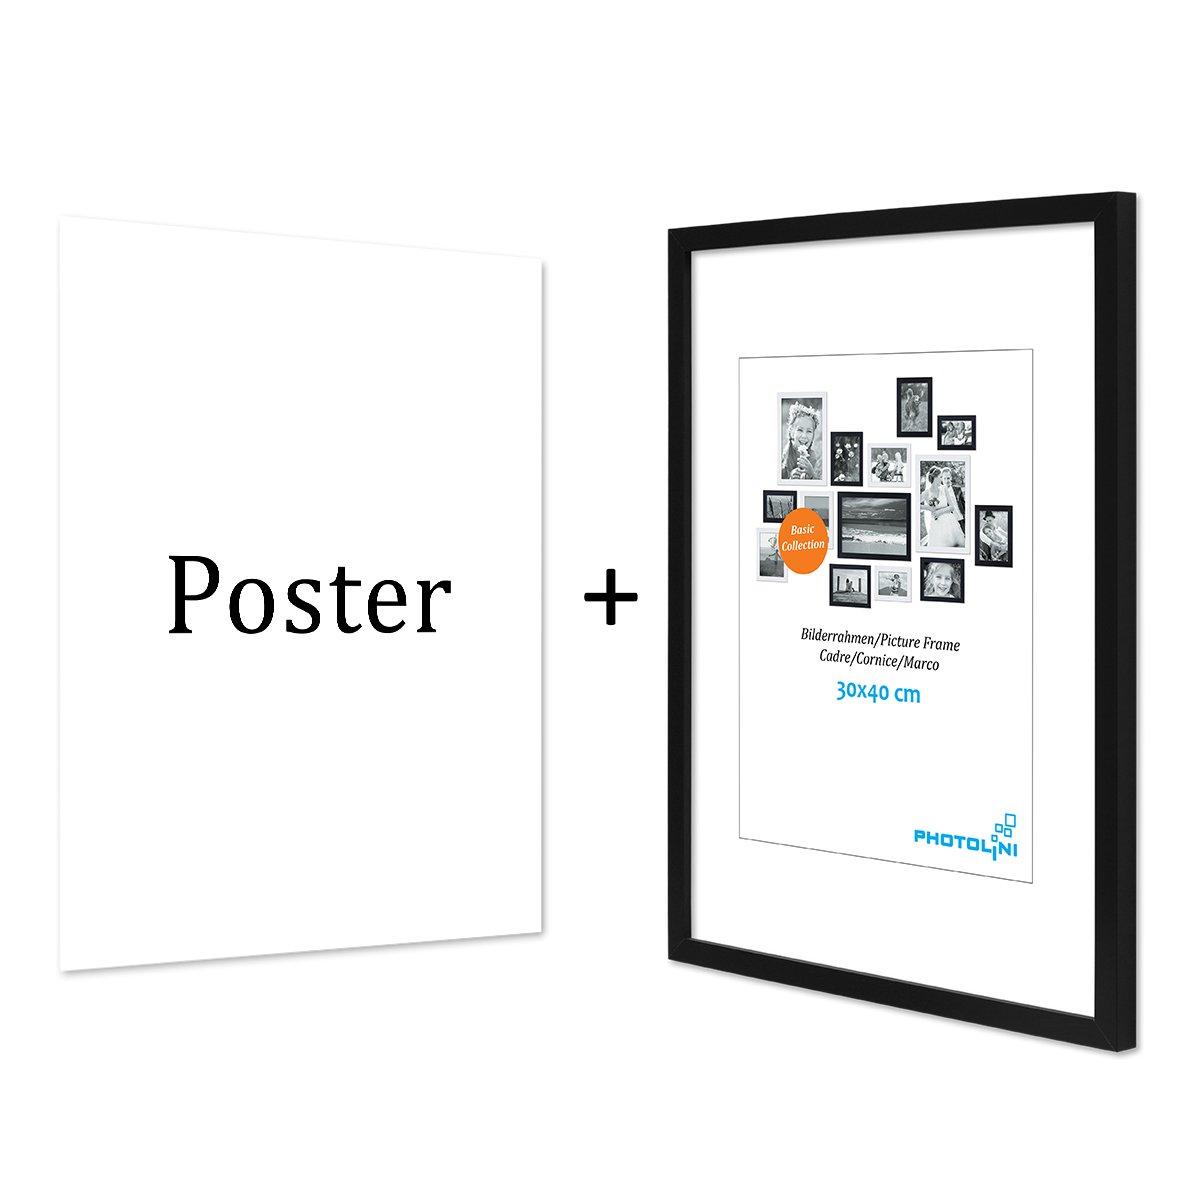 Ausgezeichnet 40 X 30 Plakatrahmen Zeitgenössisch ...